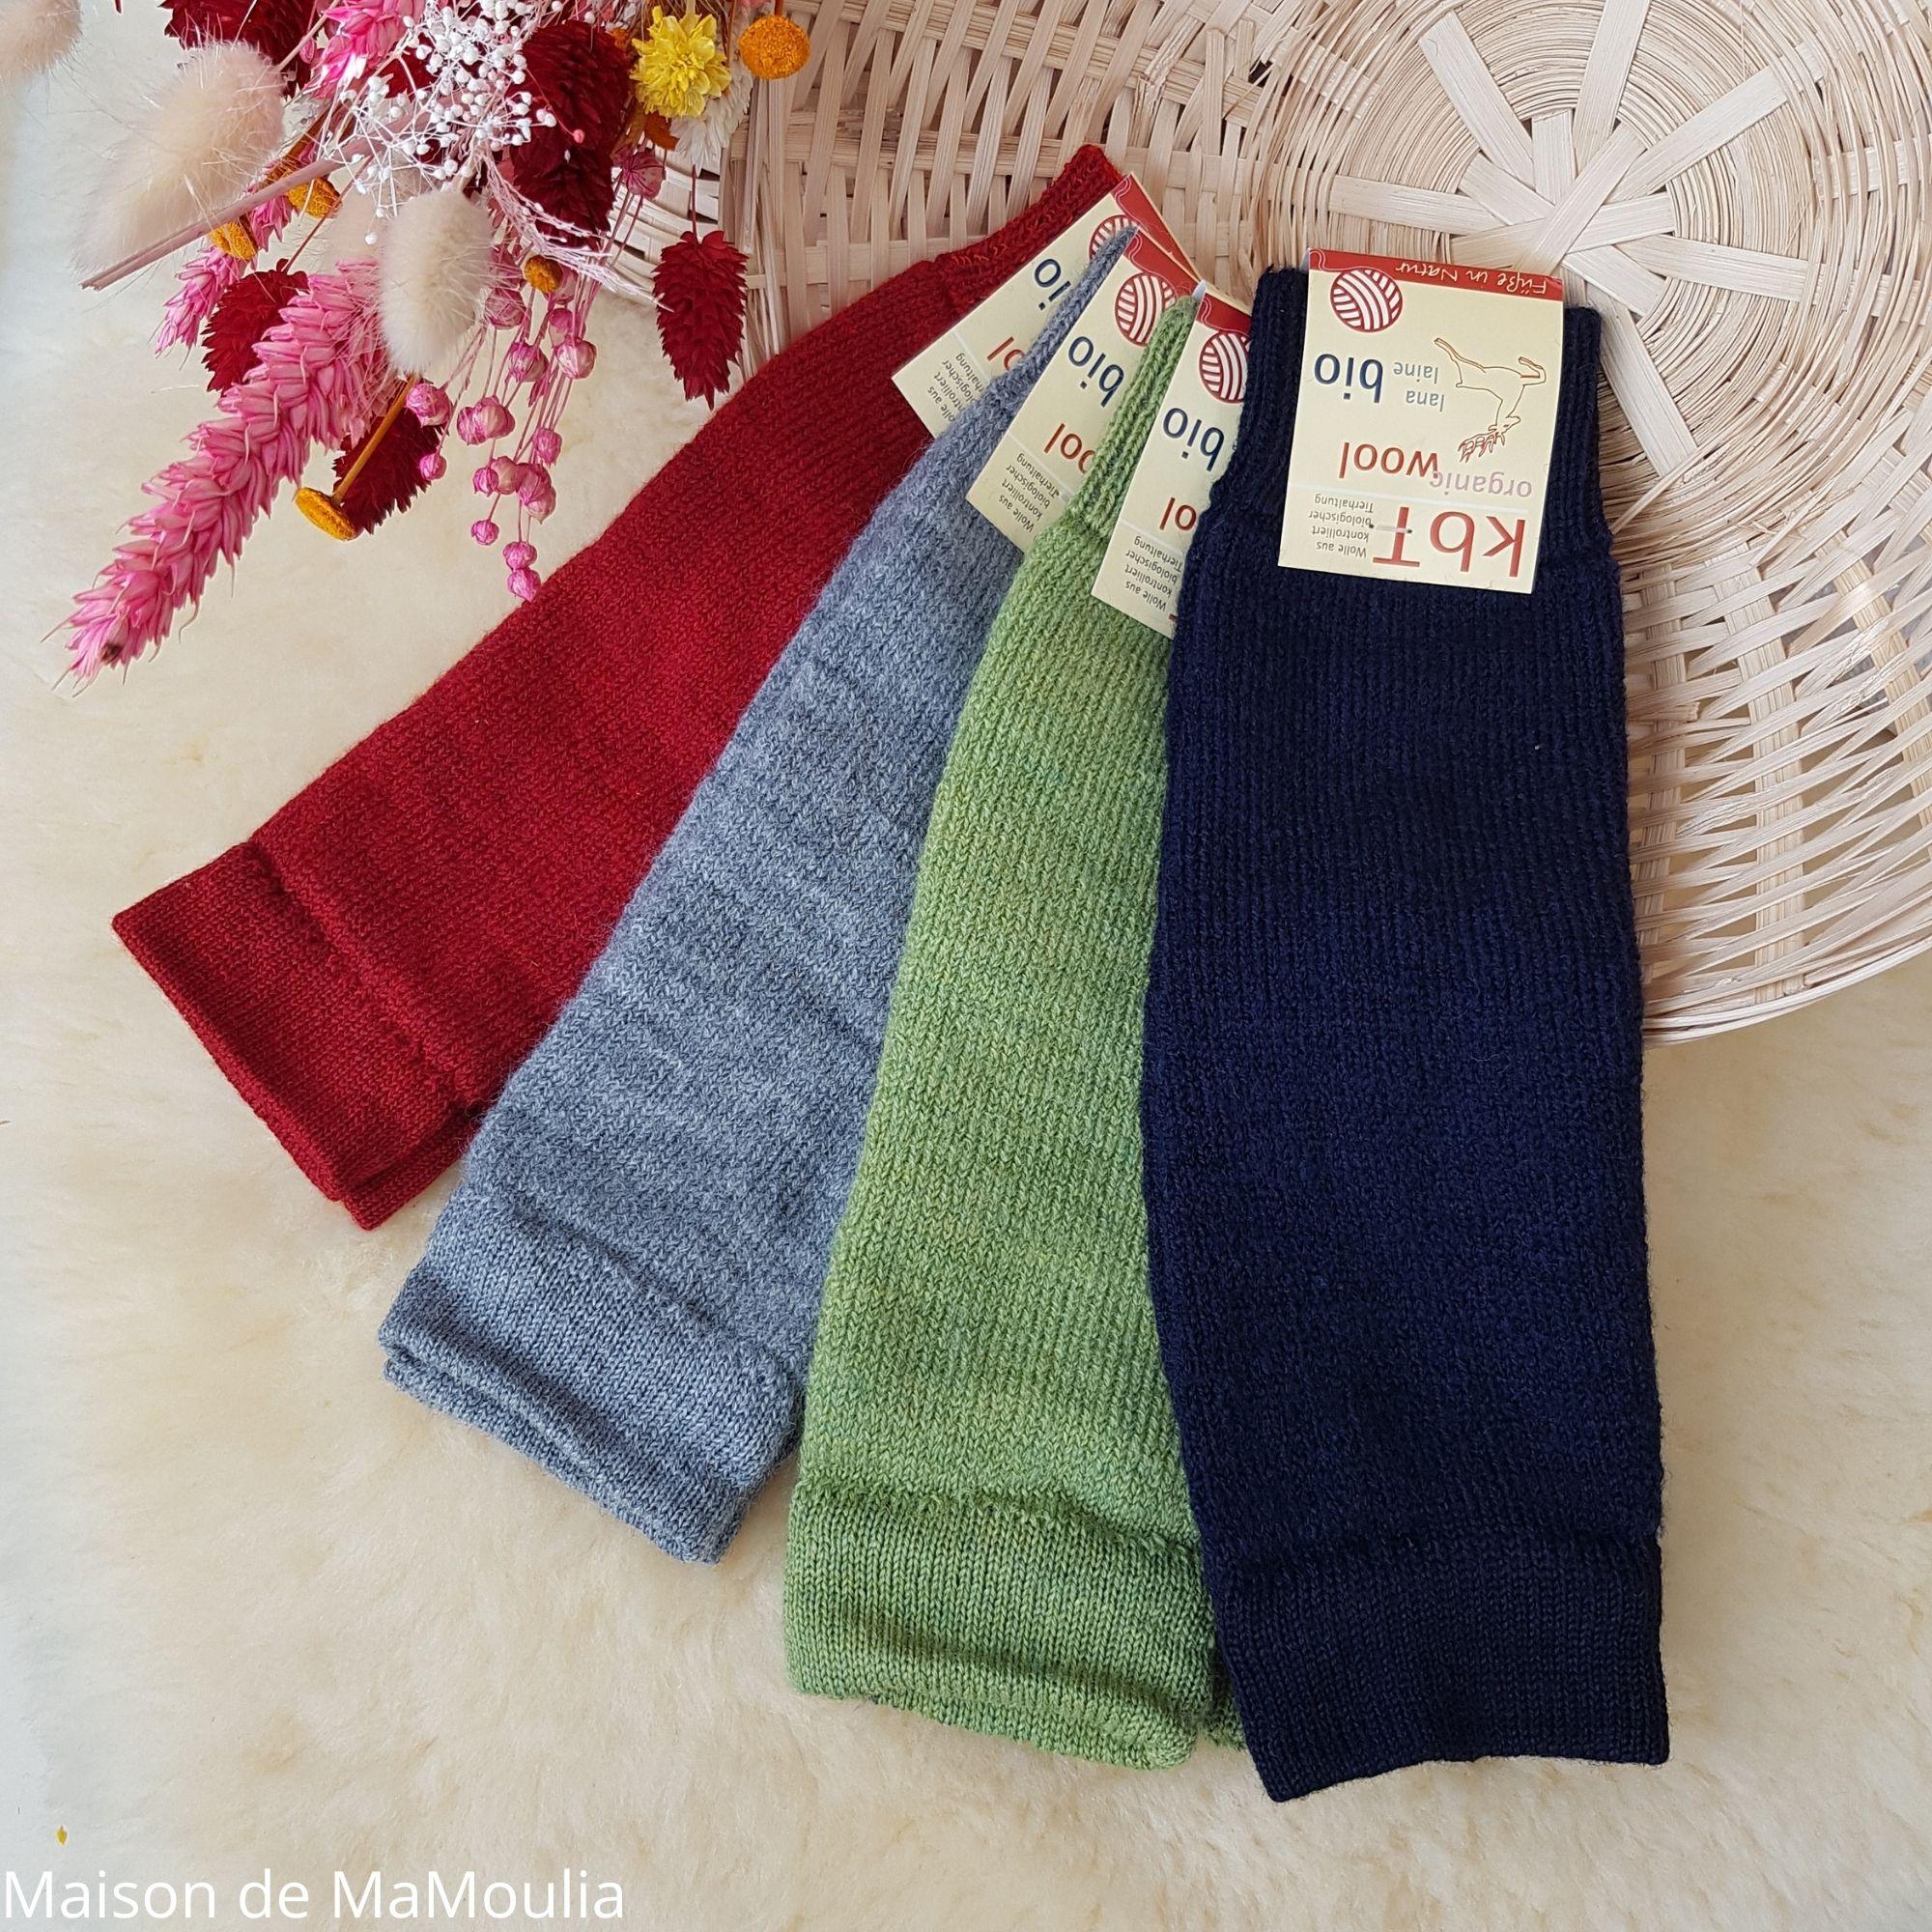 HIRSCH Natur - Jambières ou mitaines - 100% laine - Enfant